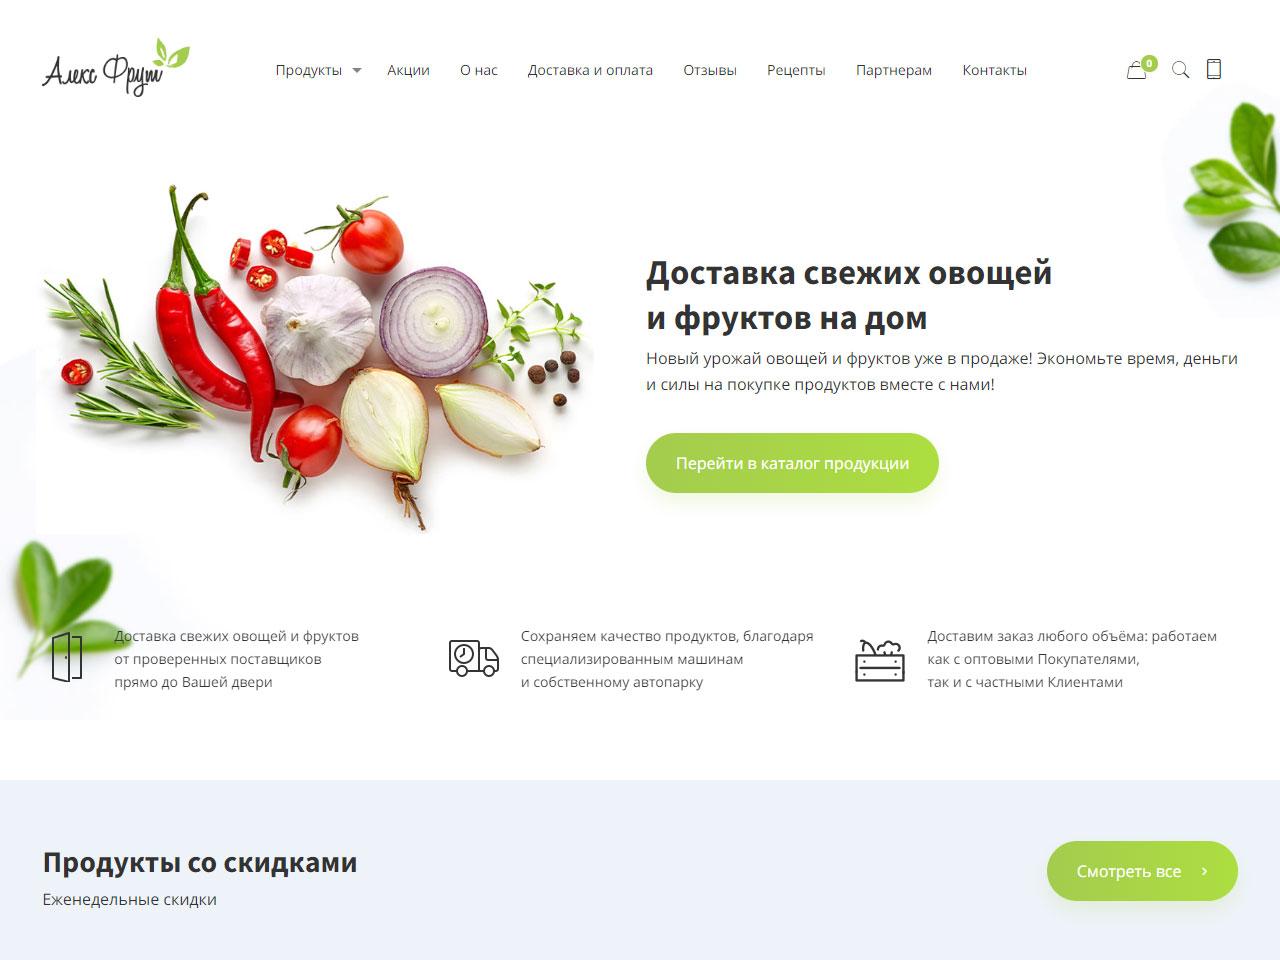 Доставка свежих овощей и фруктов на дом AlexFrut